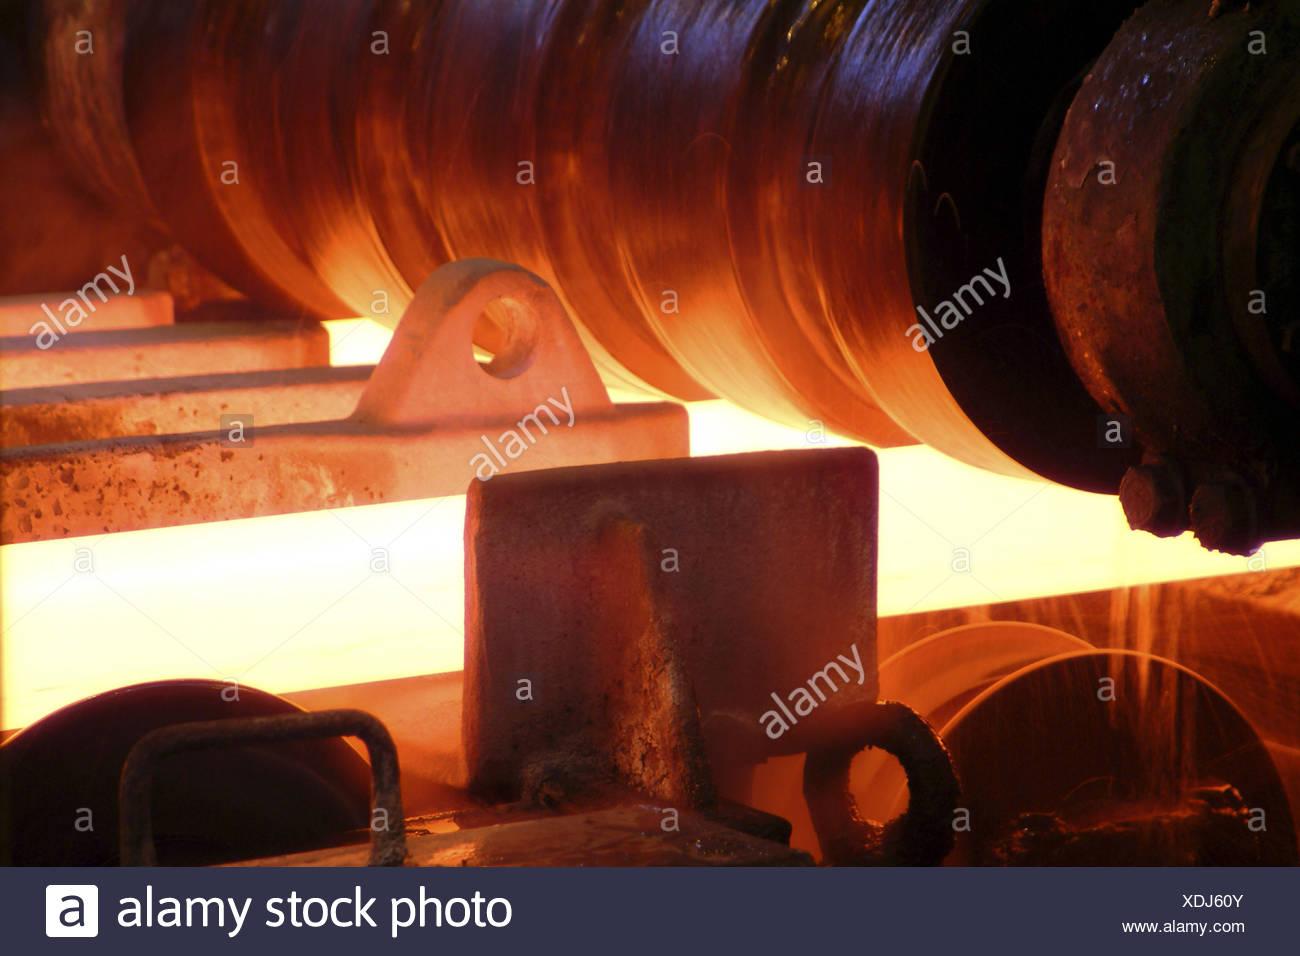 Germany, Saarbrucken-Burbach, Saarstahl Ag, wire production, Drahtstrasse, detail, Europe, Saarland, industry, steel industry, ironworks, economy, branch industry, steel processing, production, production, wire, wire production, heat, heat, annealing - Stock Image